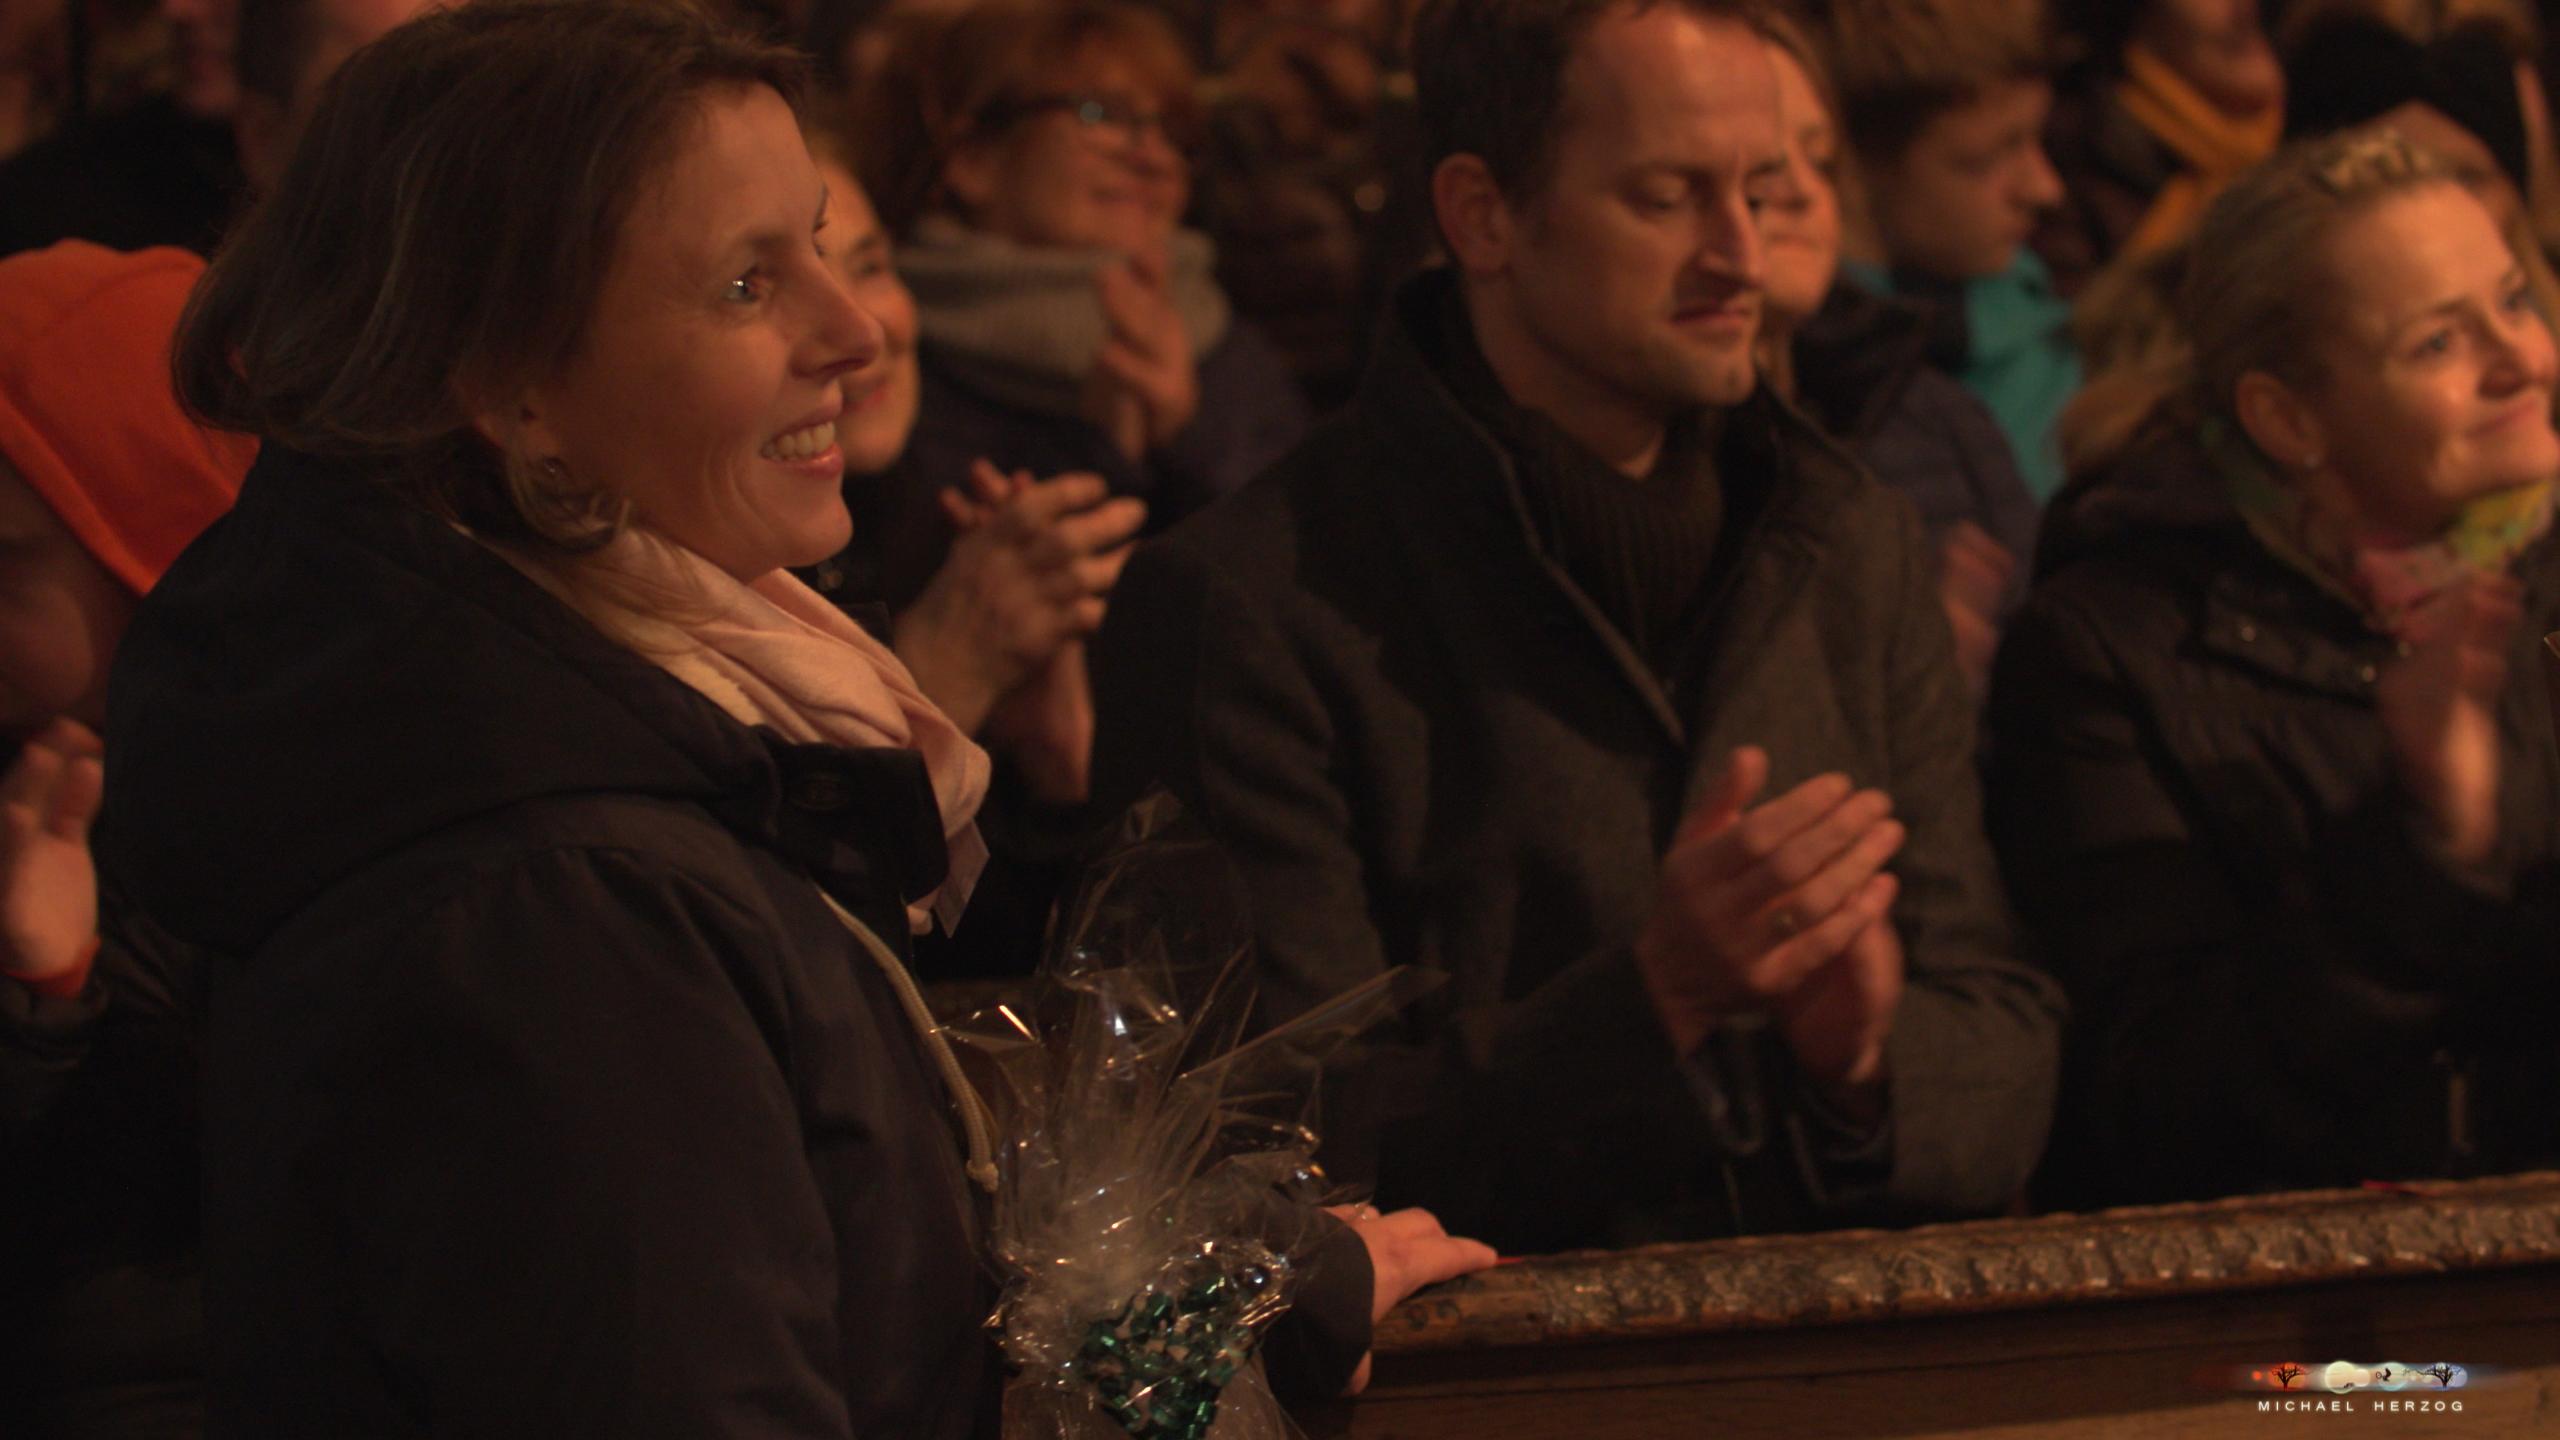 ArnsdorferSternstunden_Konzertabend1-mit-PhilharmonieSalzburg_Screenshot_MichaelHerzog-07.jpg